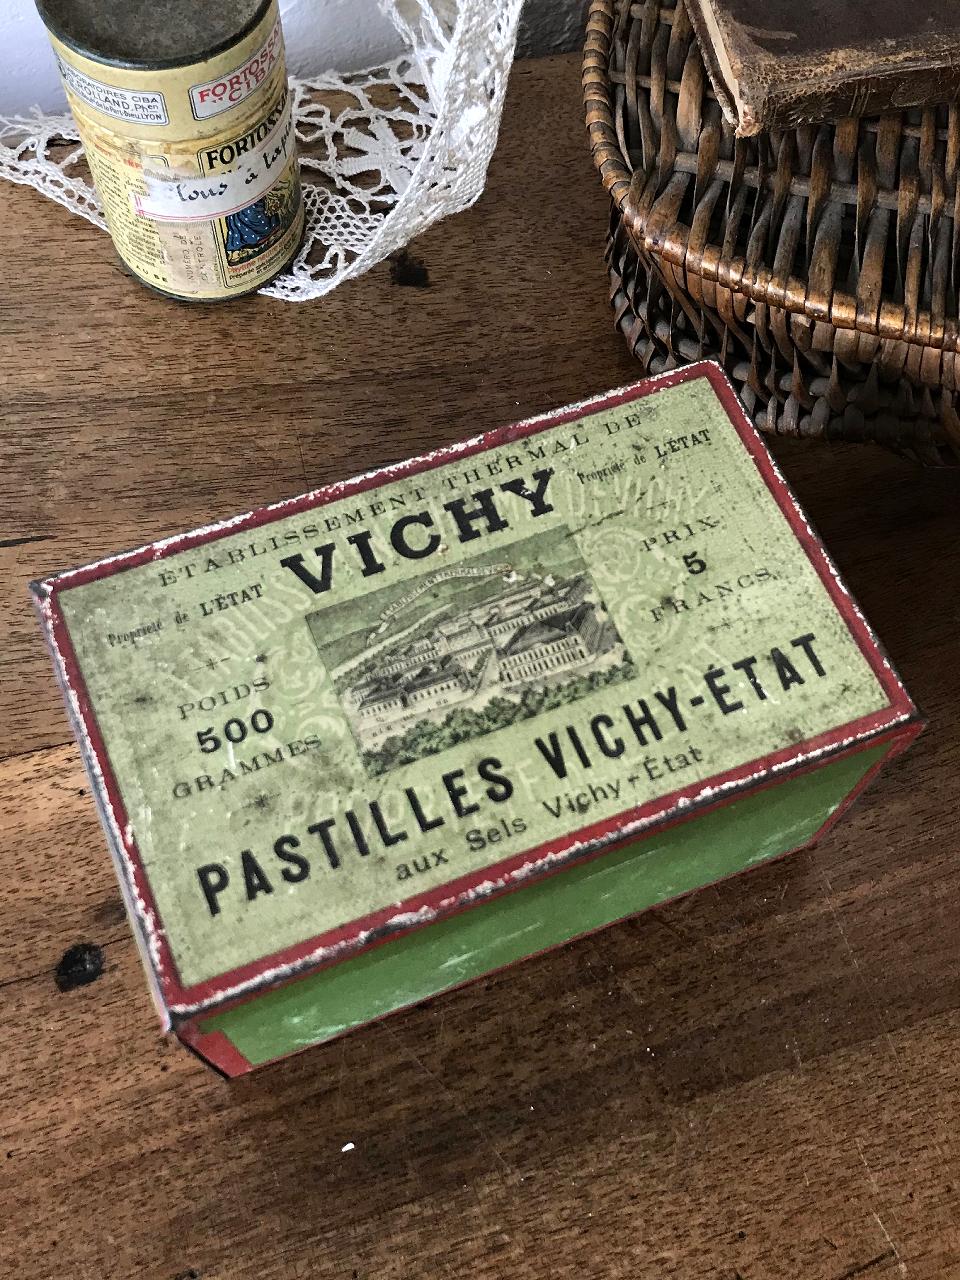 TIN缶 PASTILLES VICHY-ETAT